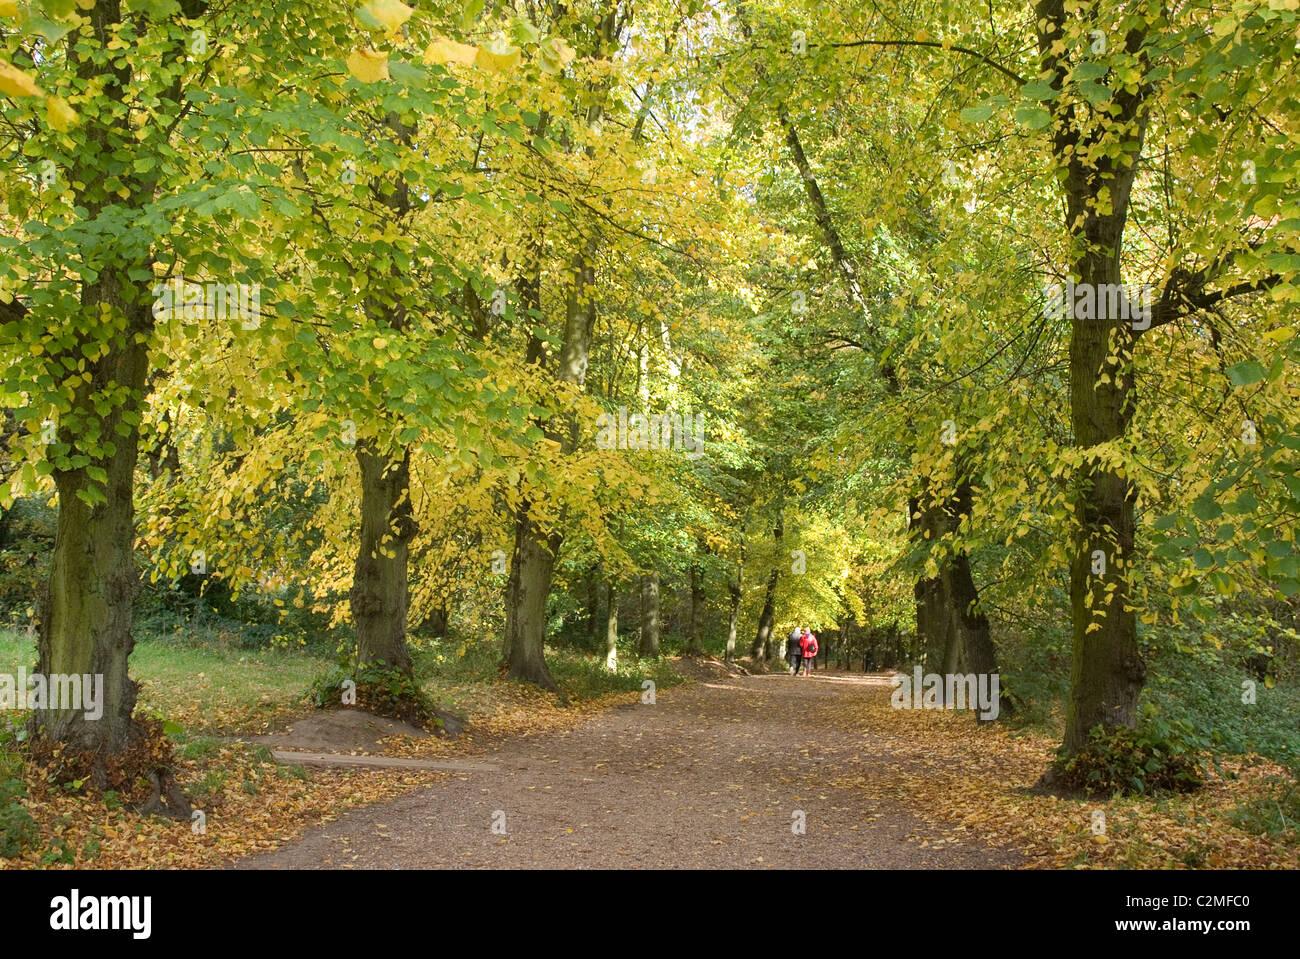 Autumn trees in Hampstead Heath - Stock Image